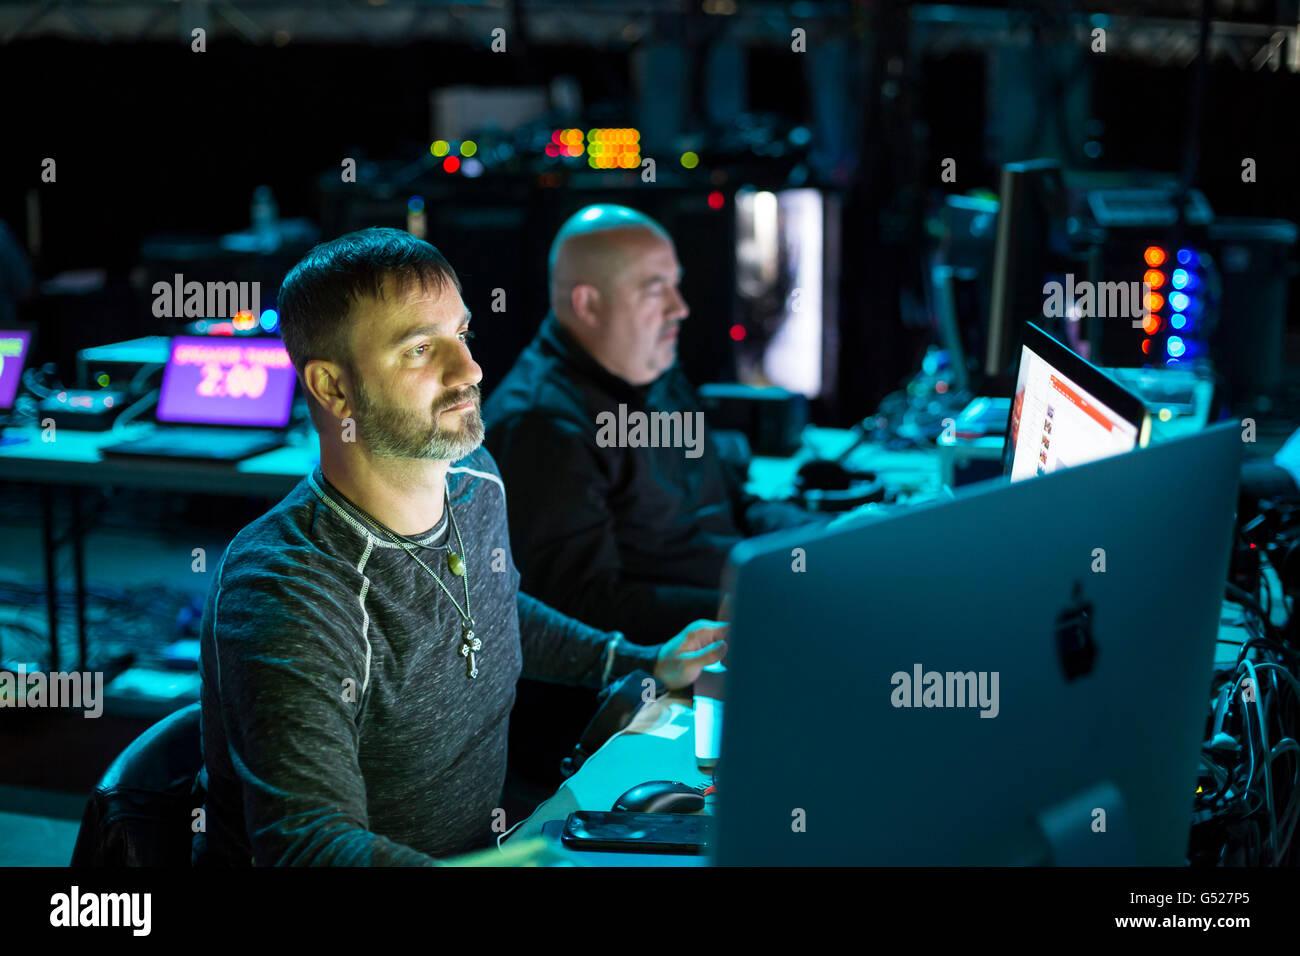 Detroit, Michigan - lavoratori operano apparecchi audio e video dietro le quinte per la convenzione del servizio Immagini Stock